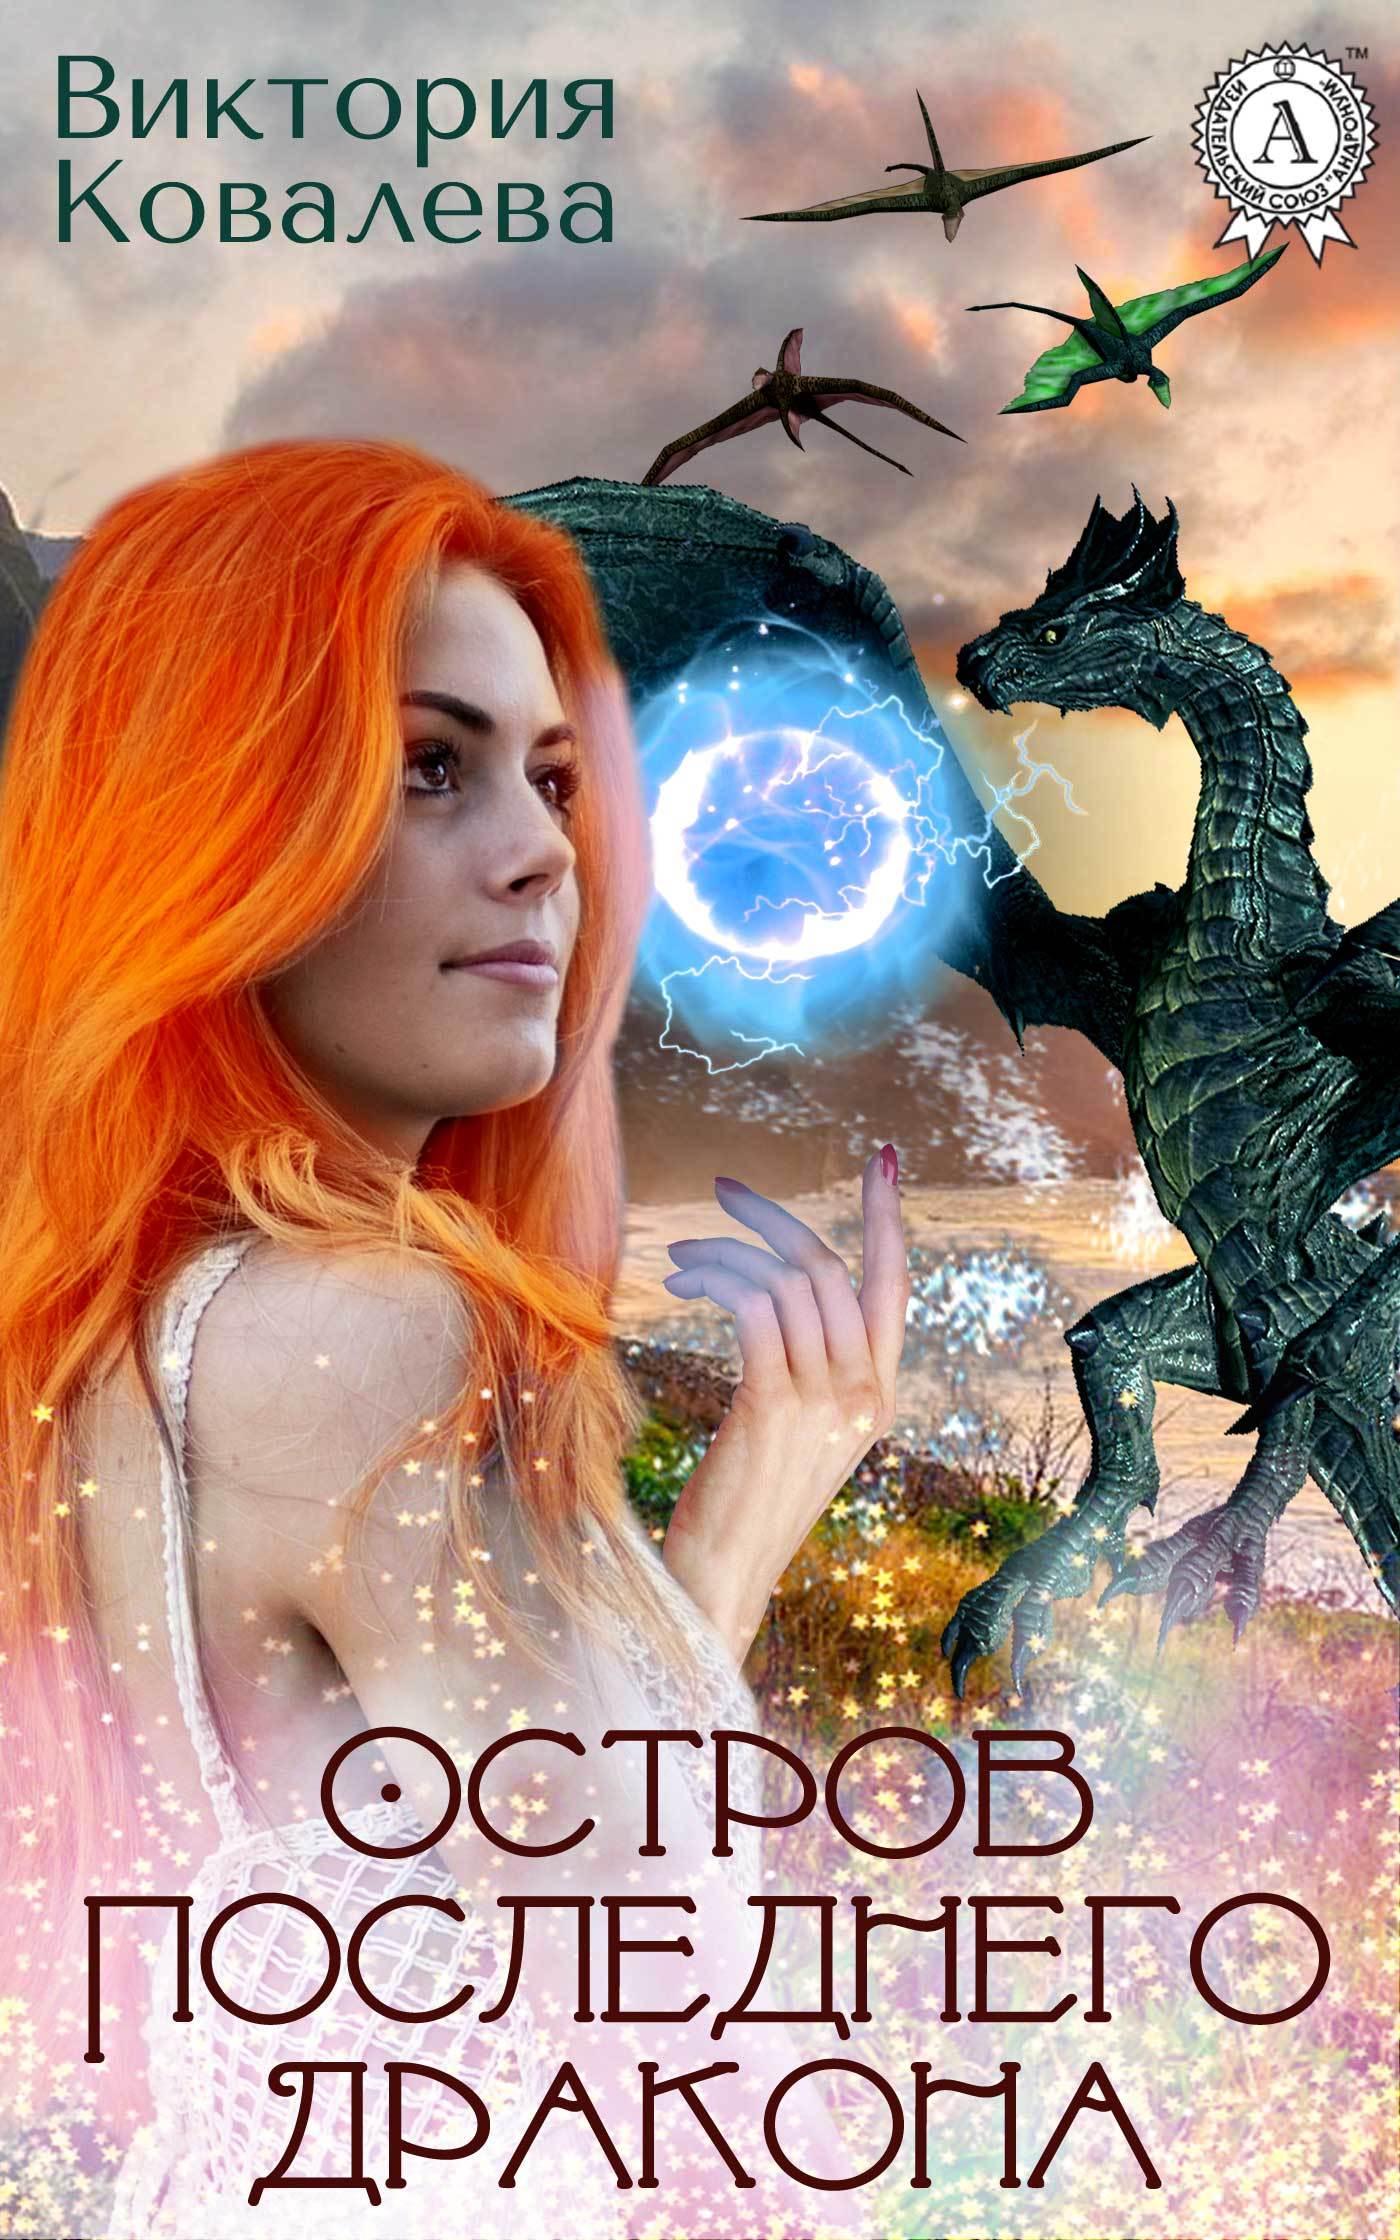 Остров последнего дракона изменяется взволнованно и трагически